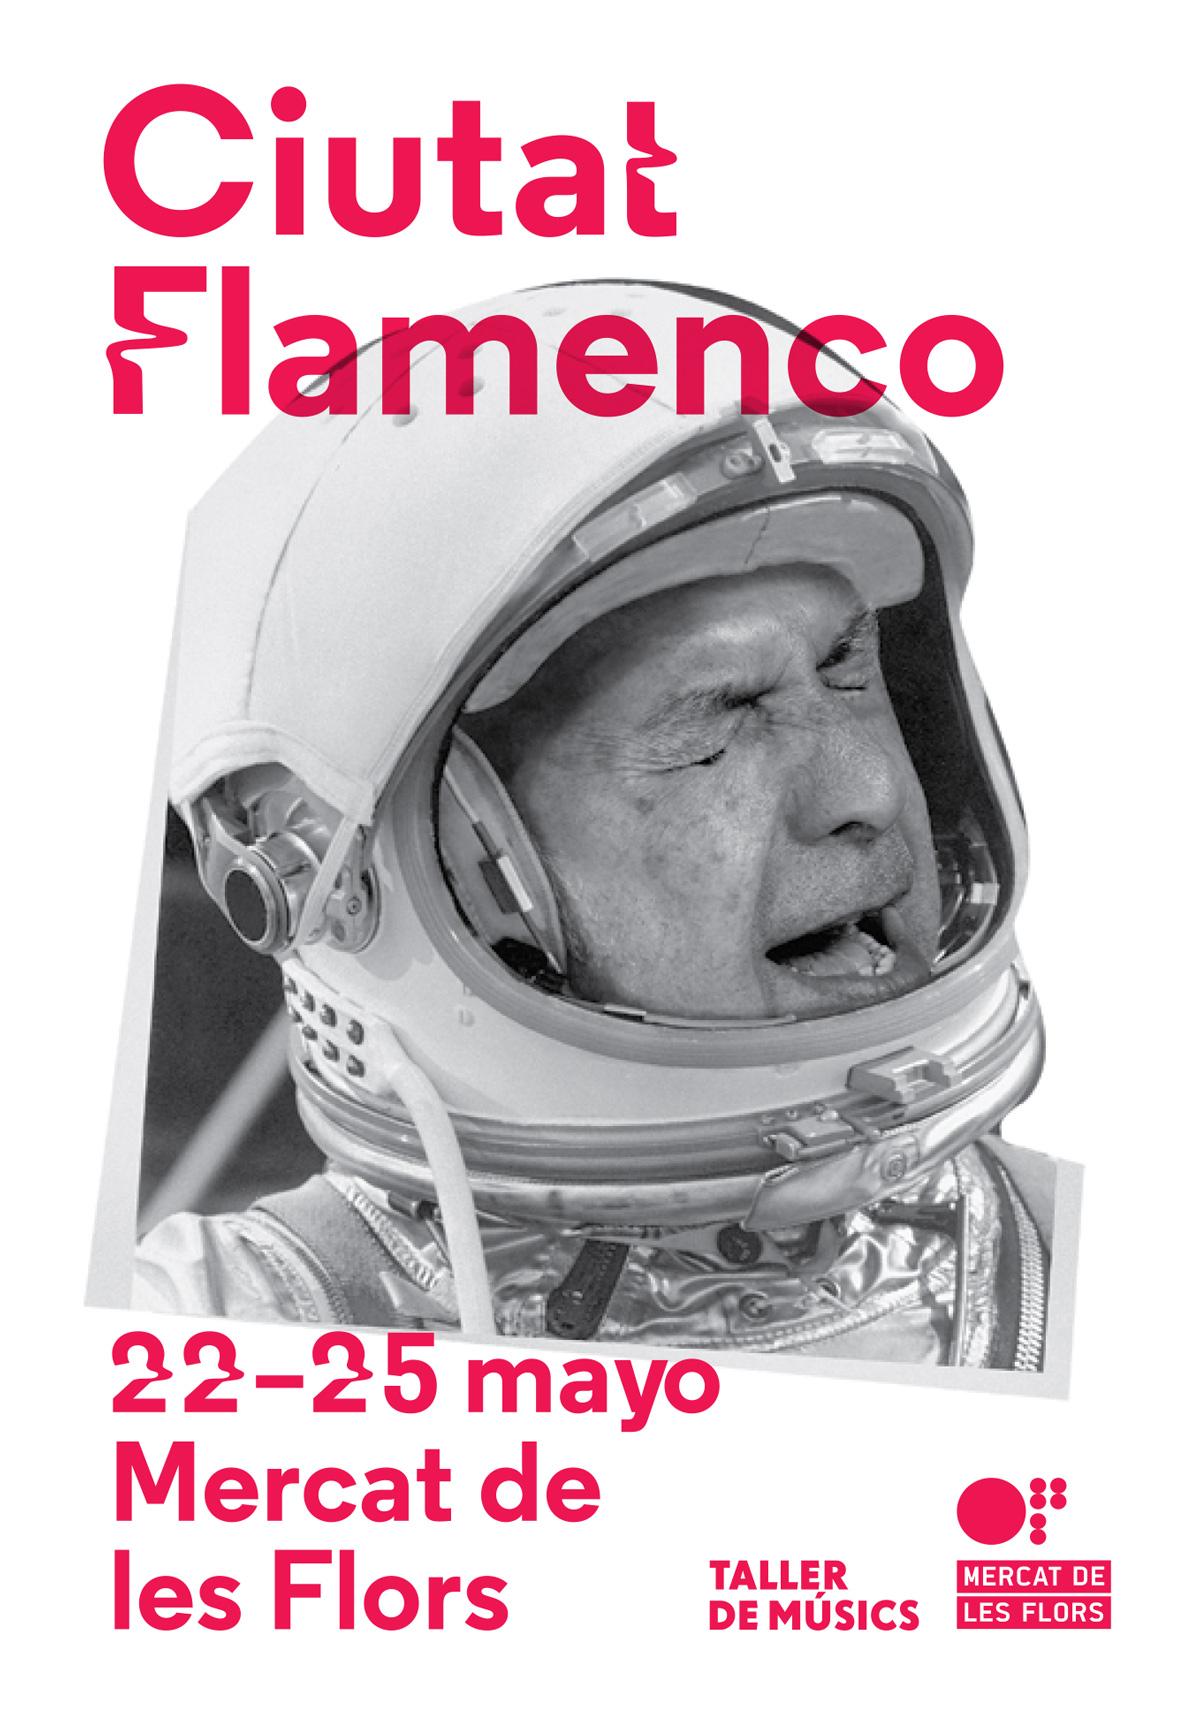 Ciutat Flamenco 2015